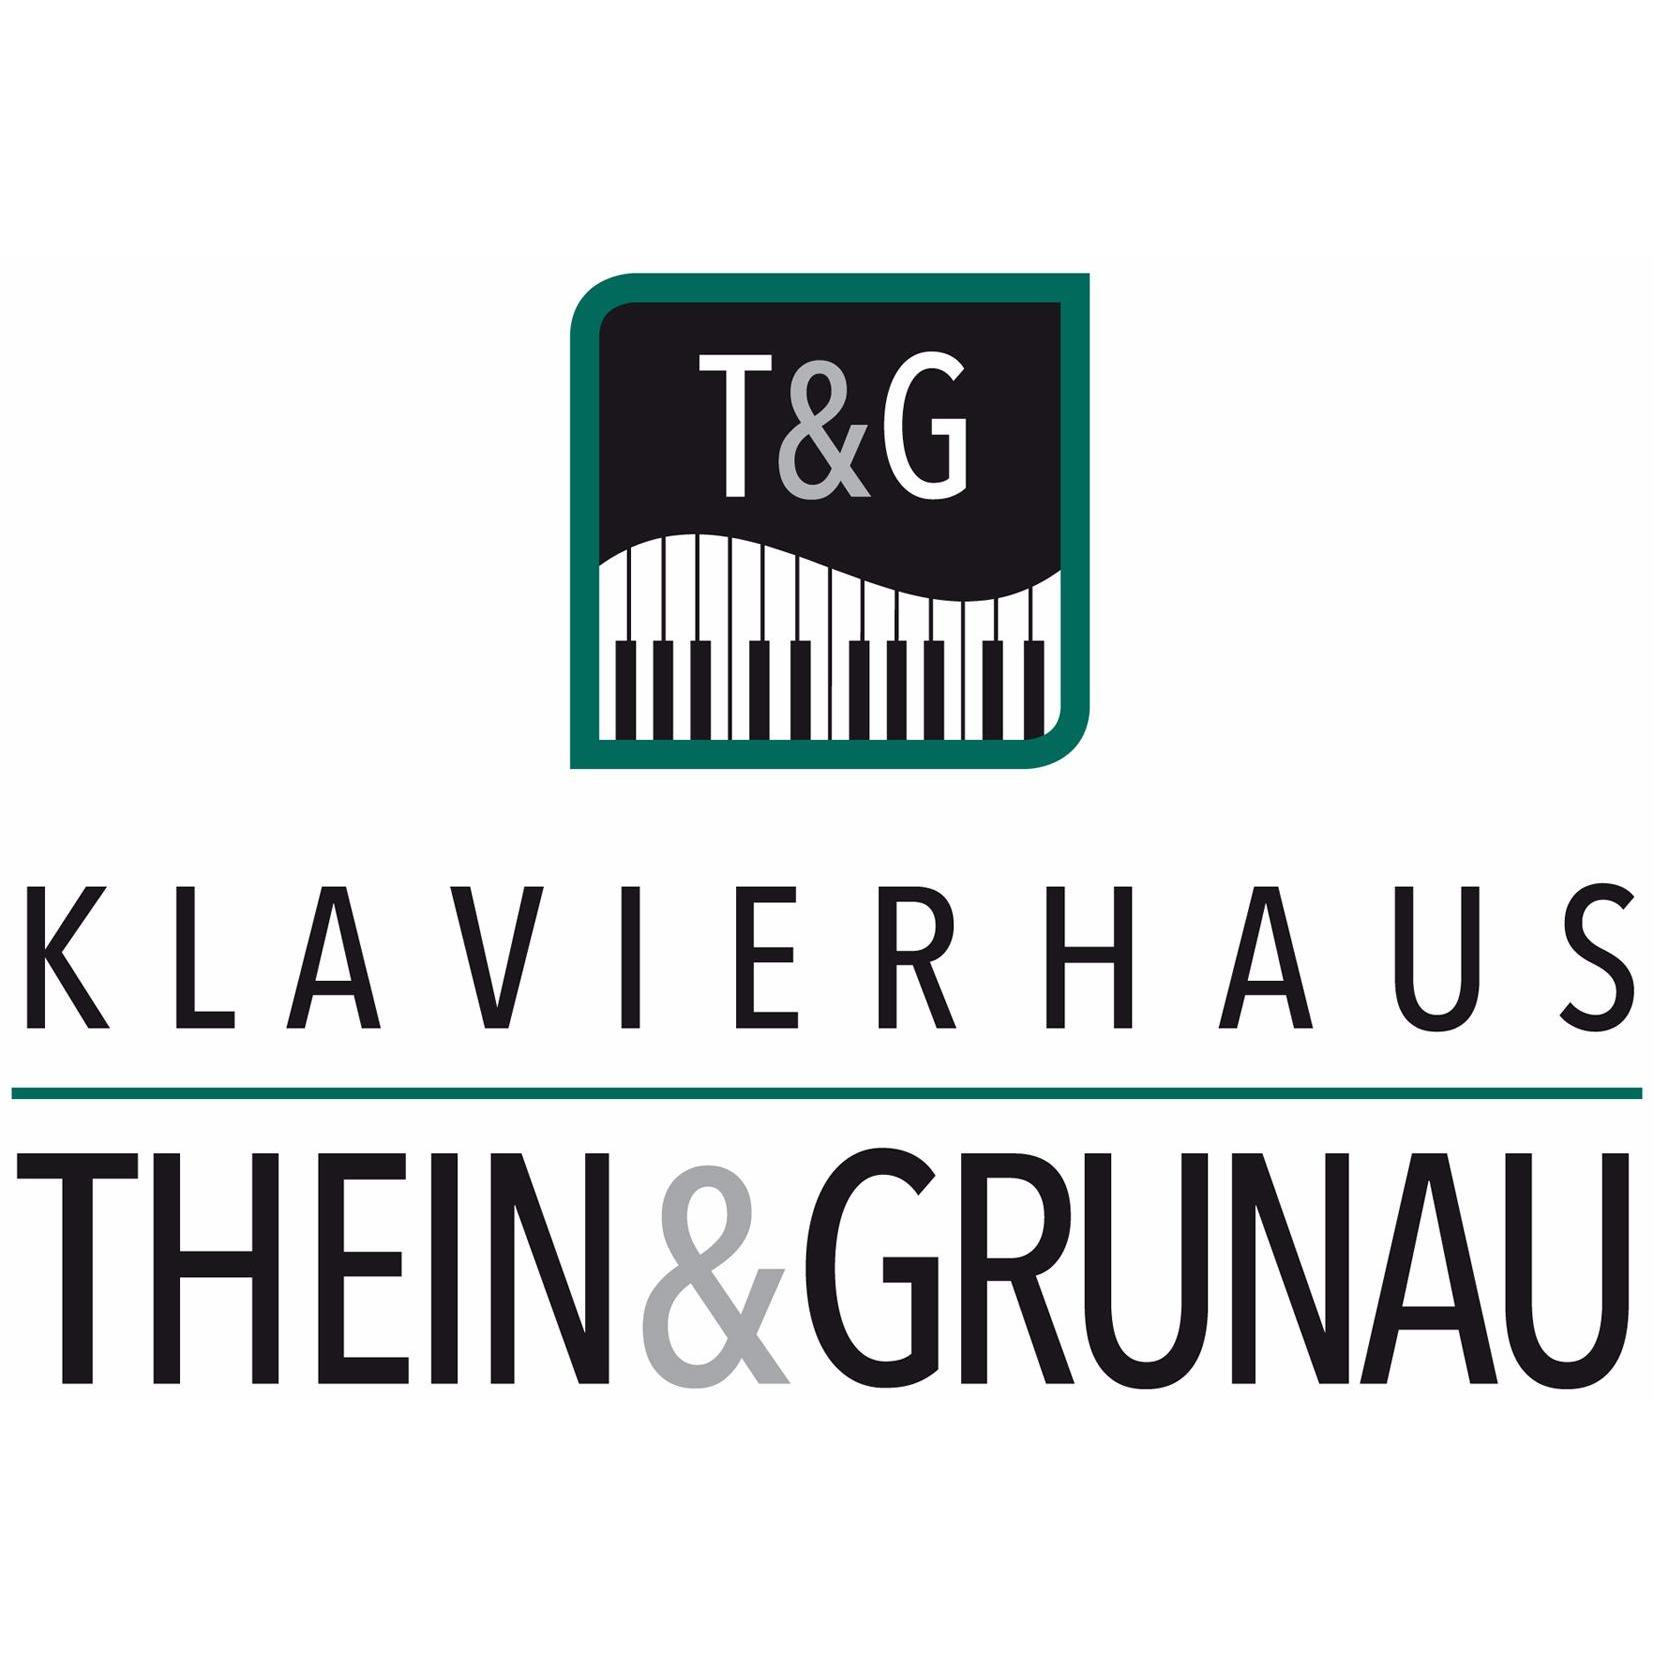 Klavierhaus Thein & Grunau KG